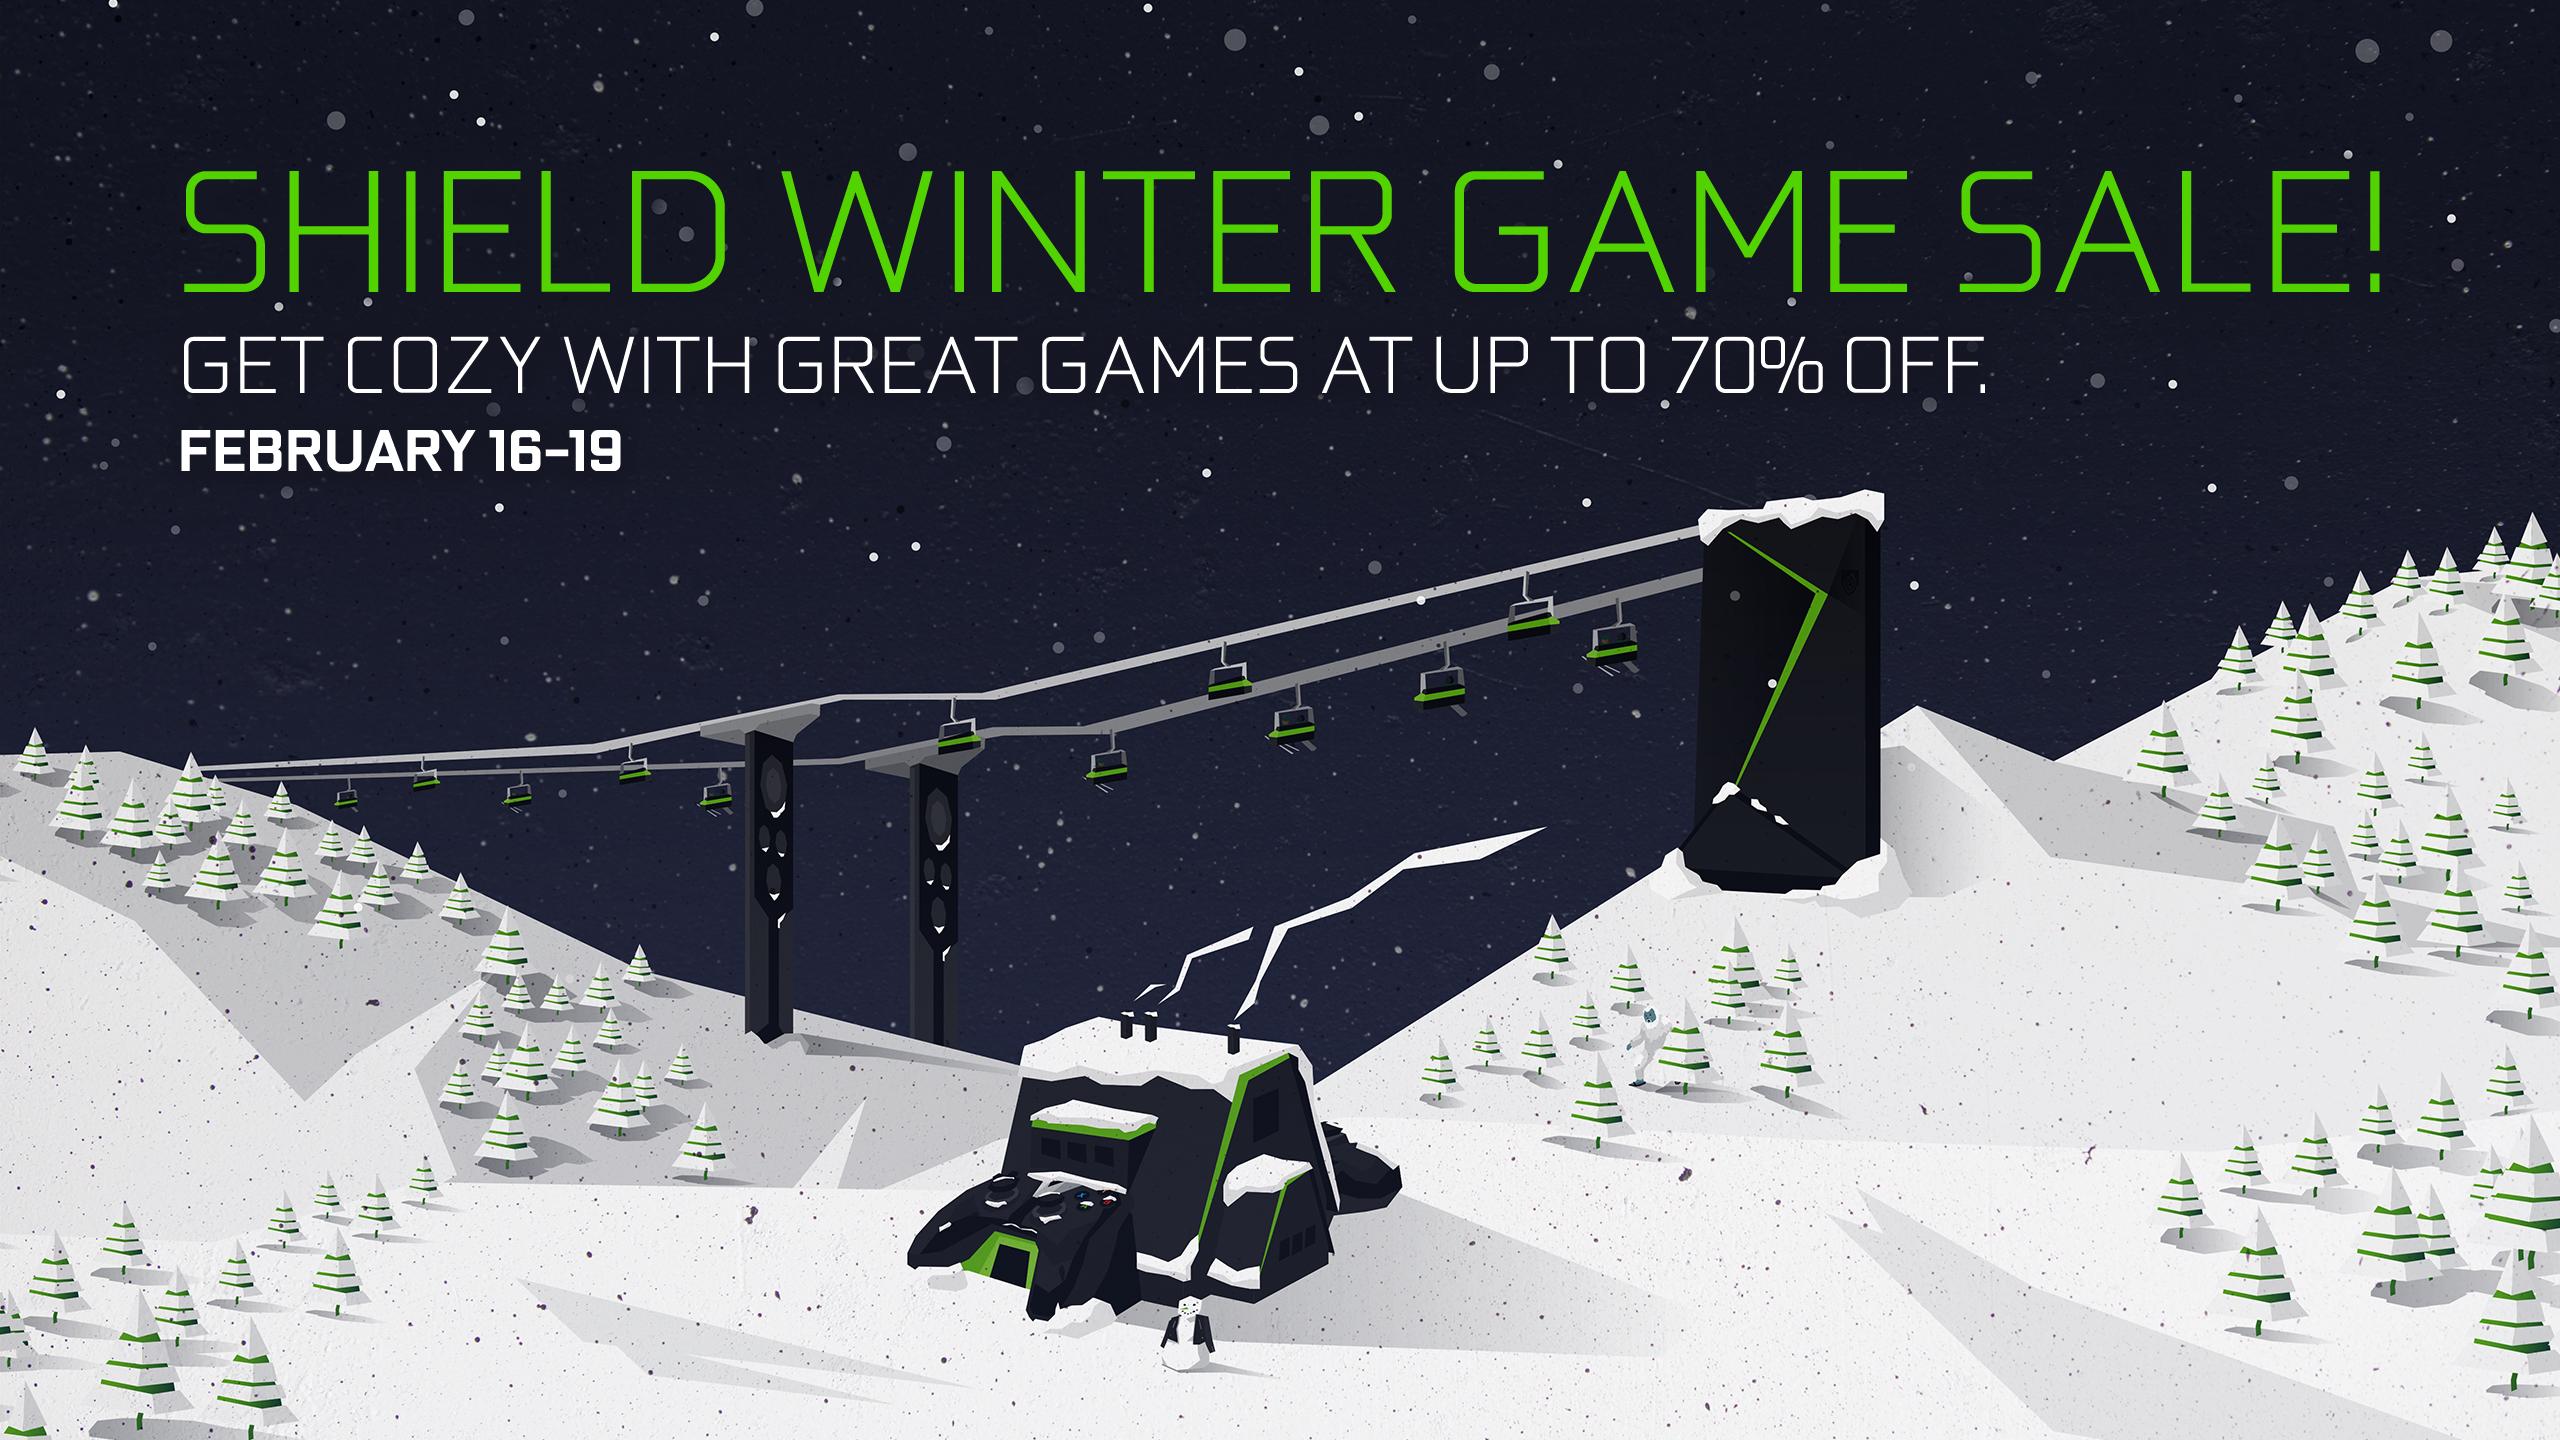 nvidia-shield-winter-game-sale